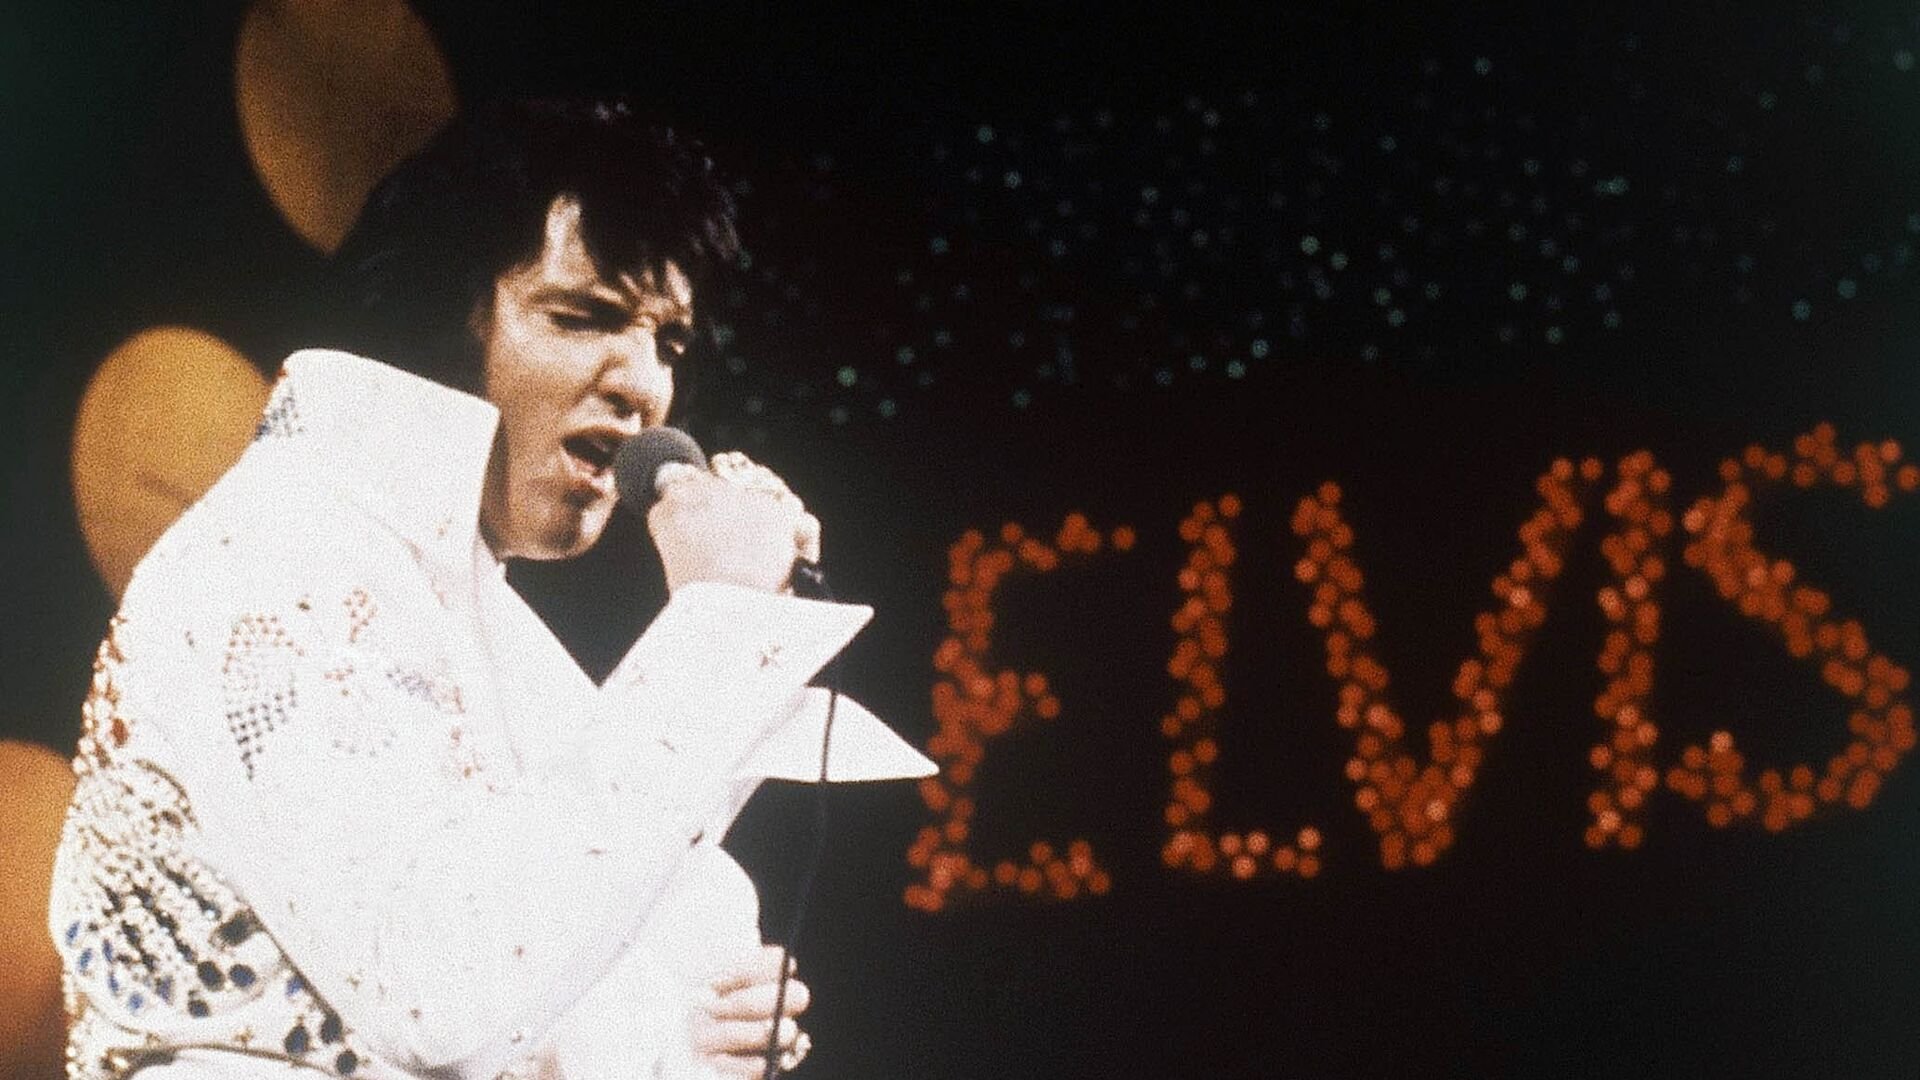 Элвис Пресли во время выступления - РИА Новости, 1920, 13.07.2020